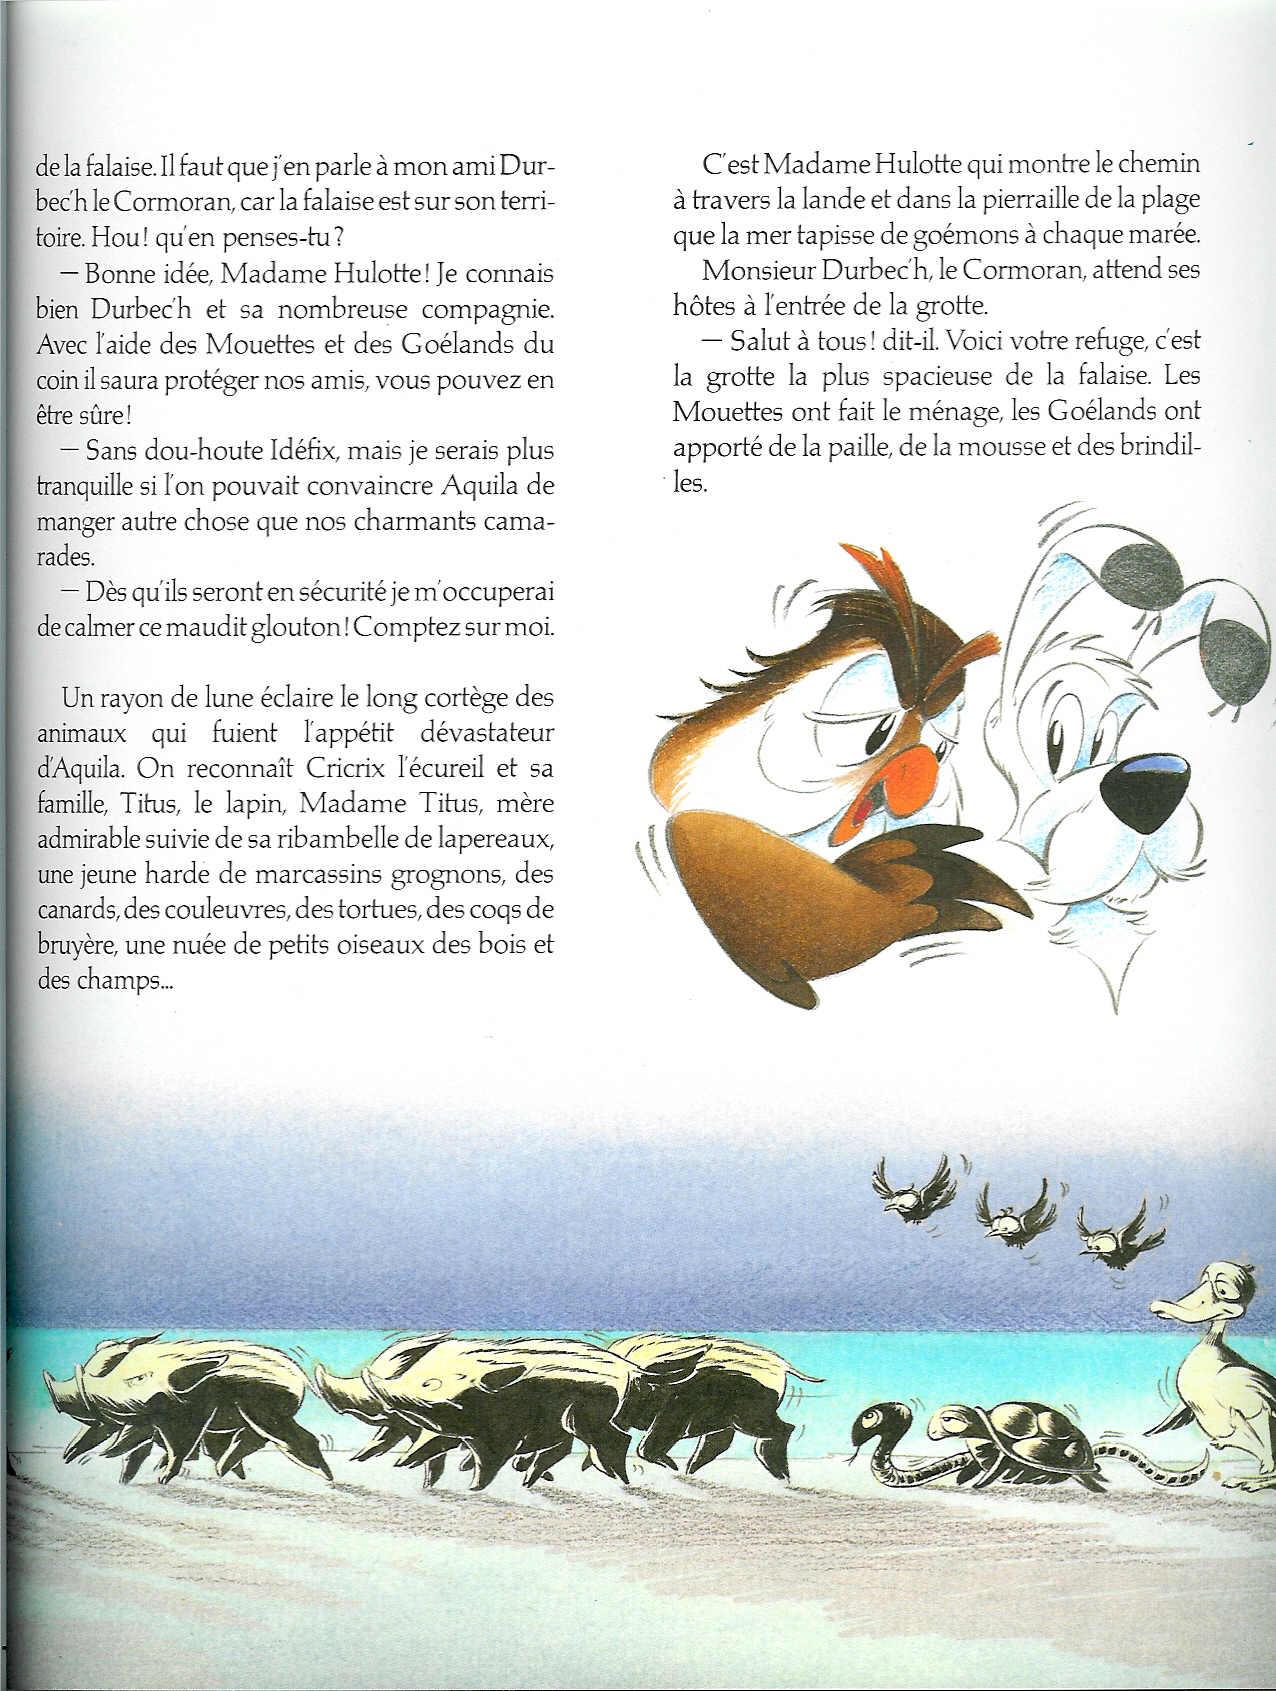 T02 : Idéfix et la grande fringale (page 5)